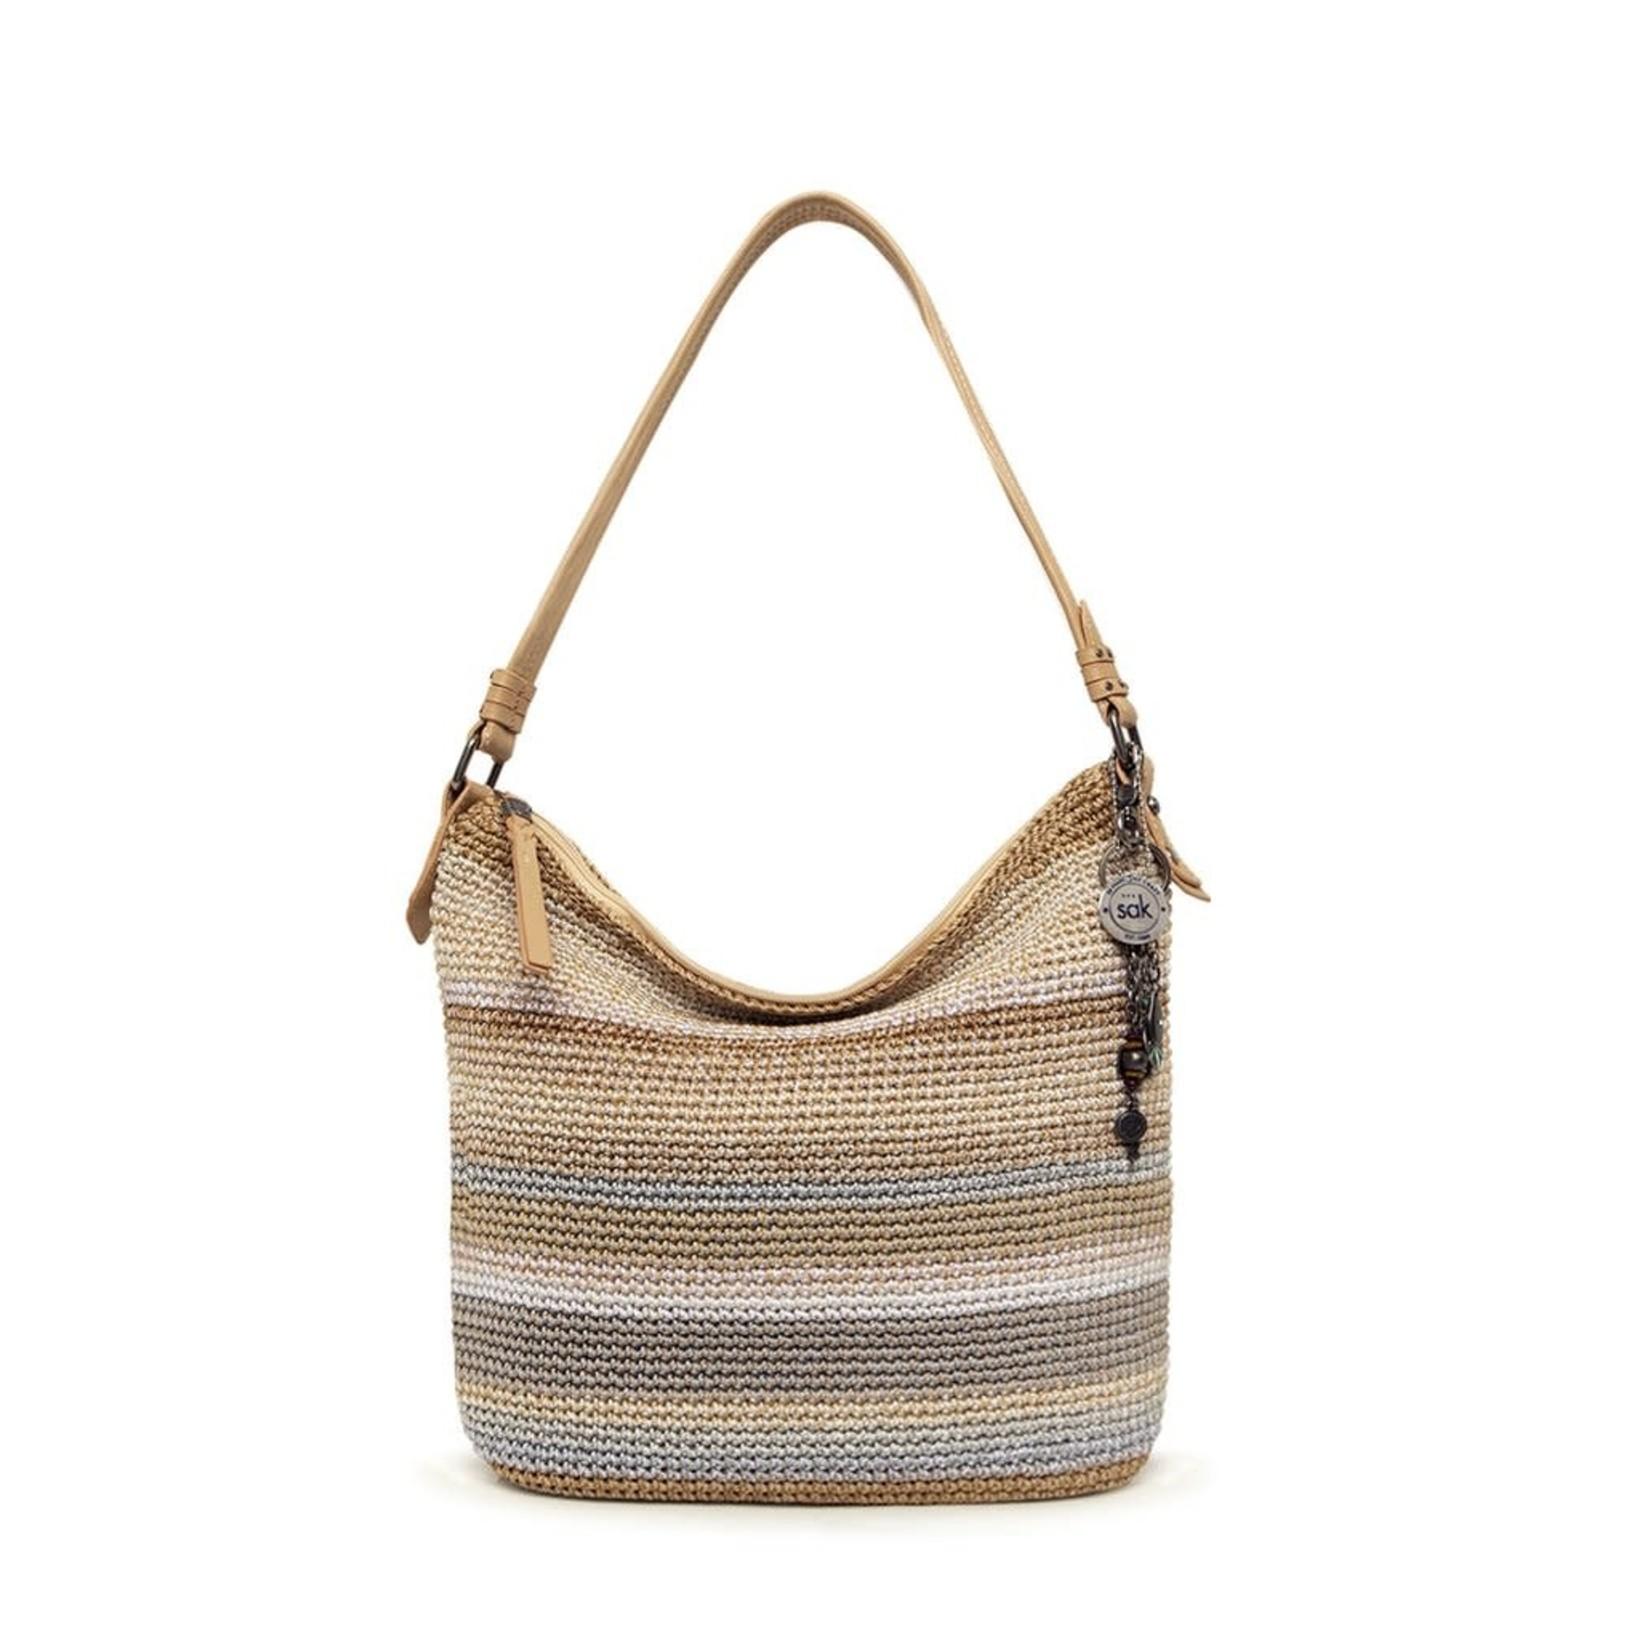 The Sak Sequoia Crochet Hobo - Sand Stripe